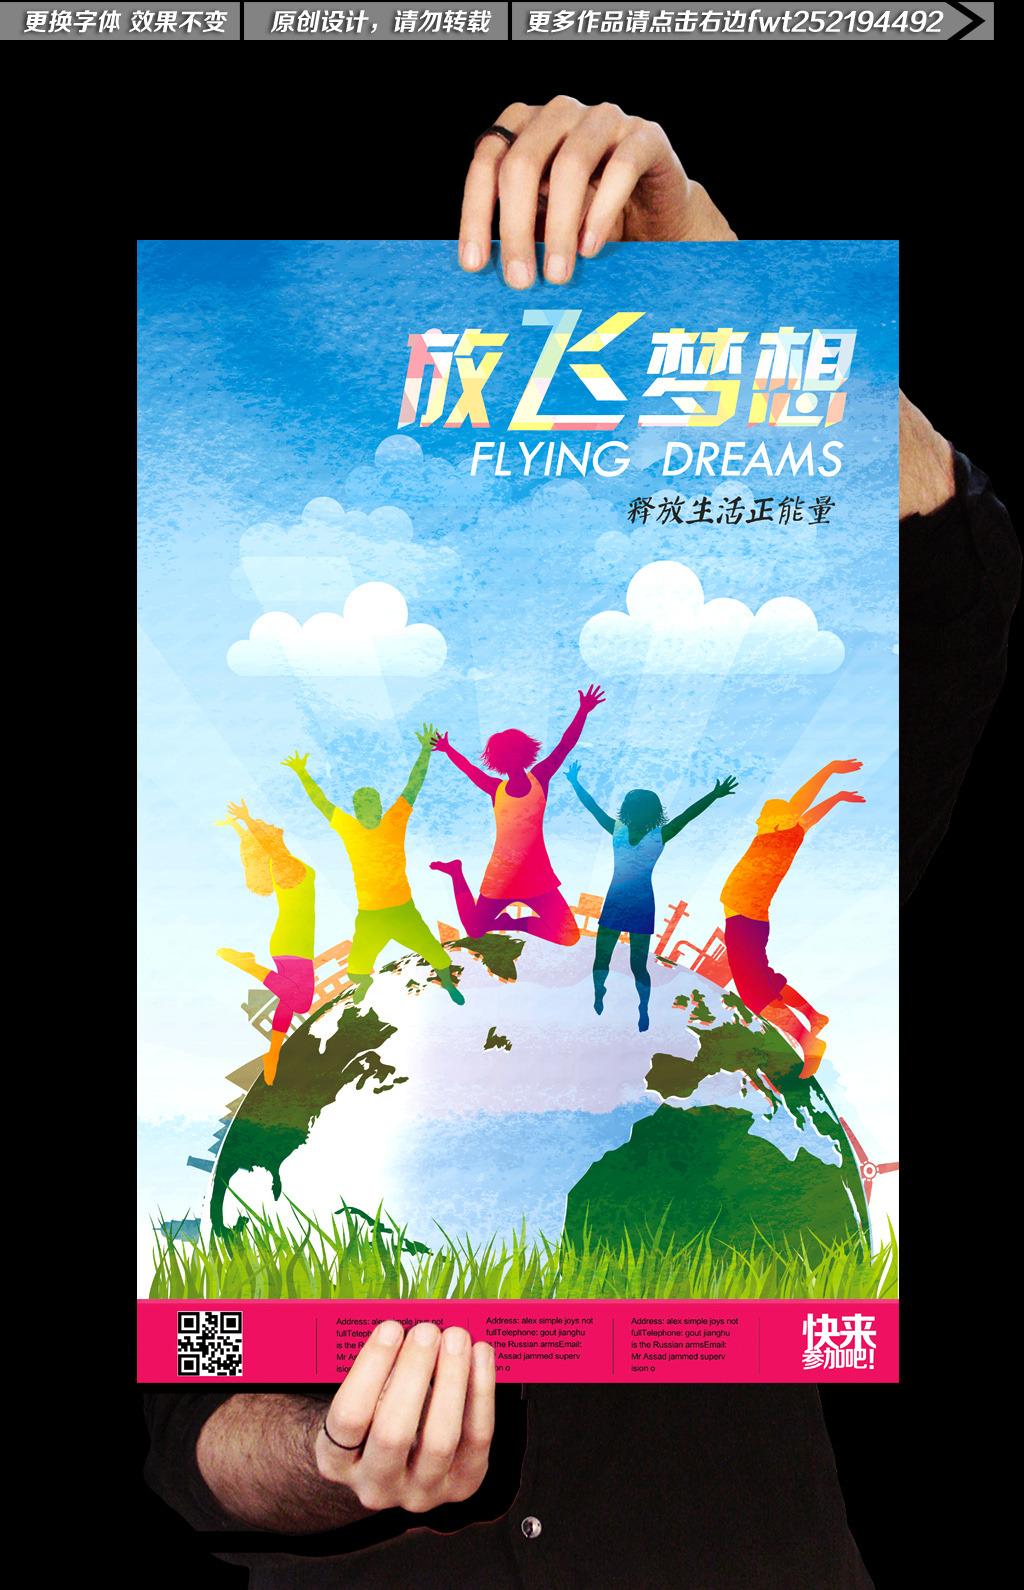 放飞梦想校园招聘创意海报模板下载(图片编号:)